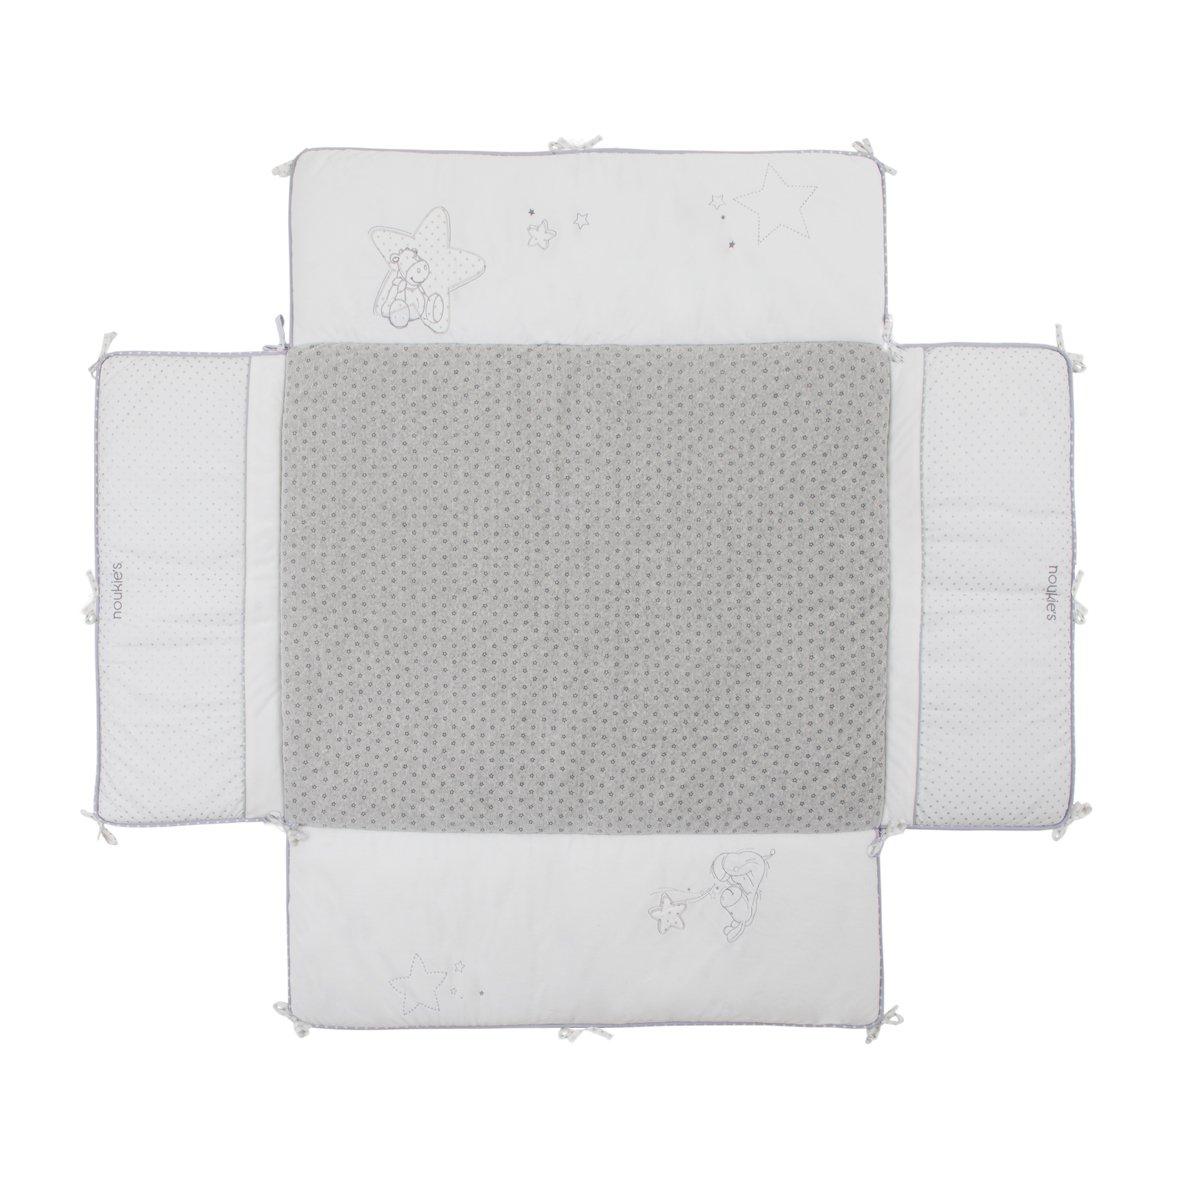 Noukies BB1410.61 Etoiles Laufstallteppich, 75 x 95 cm